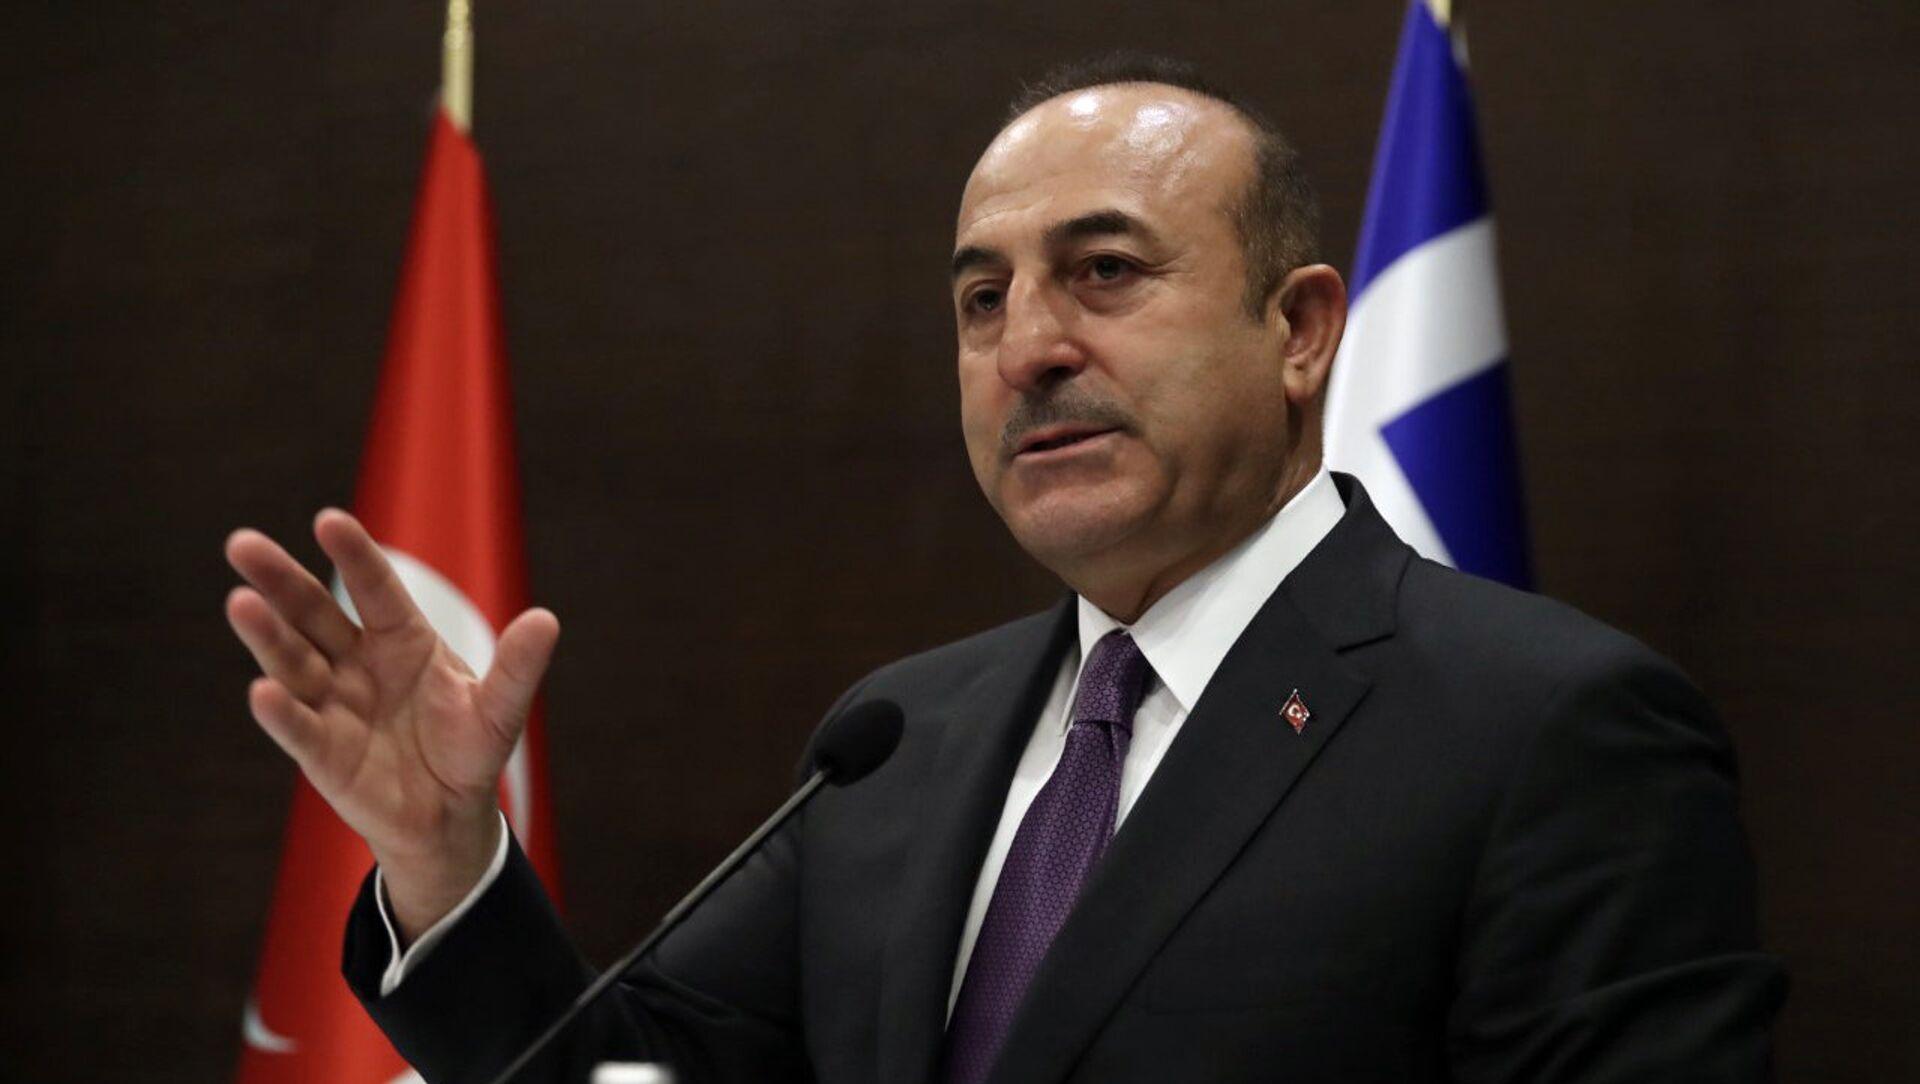 Il ministro degli Esteri turco Mevlut Cavusoglu - Sputnik Italia, 1920, 16.05.2021